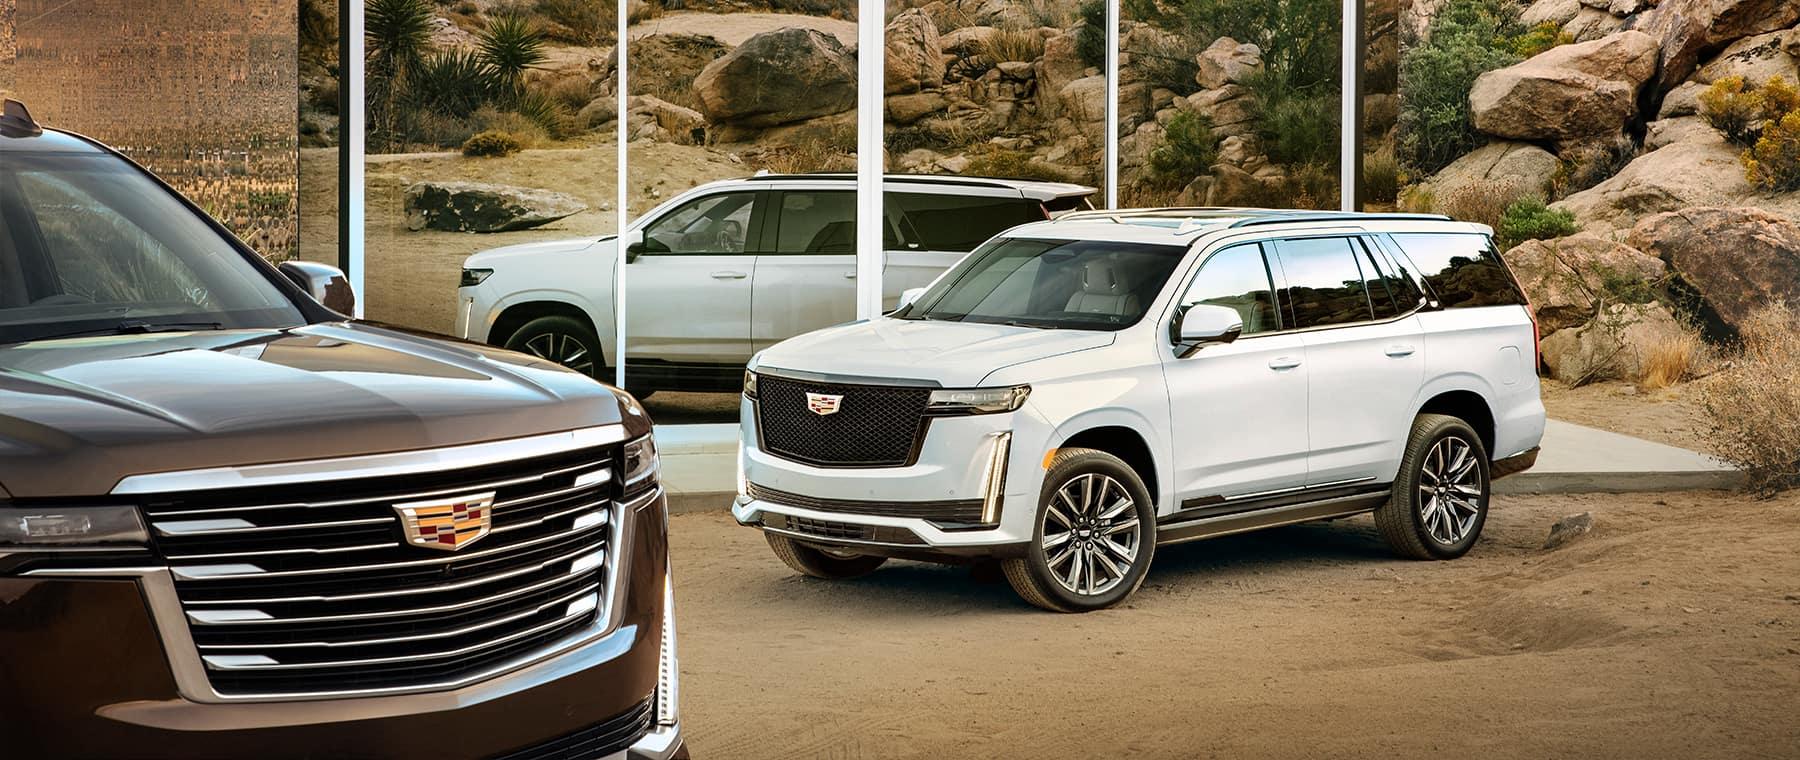 2021 Cadillac Escalade pair